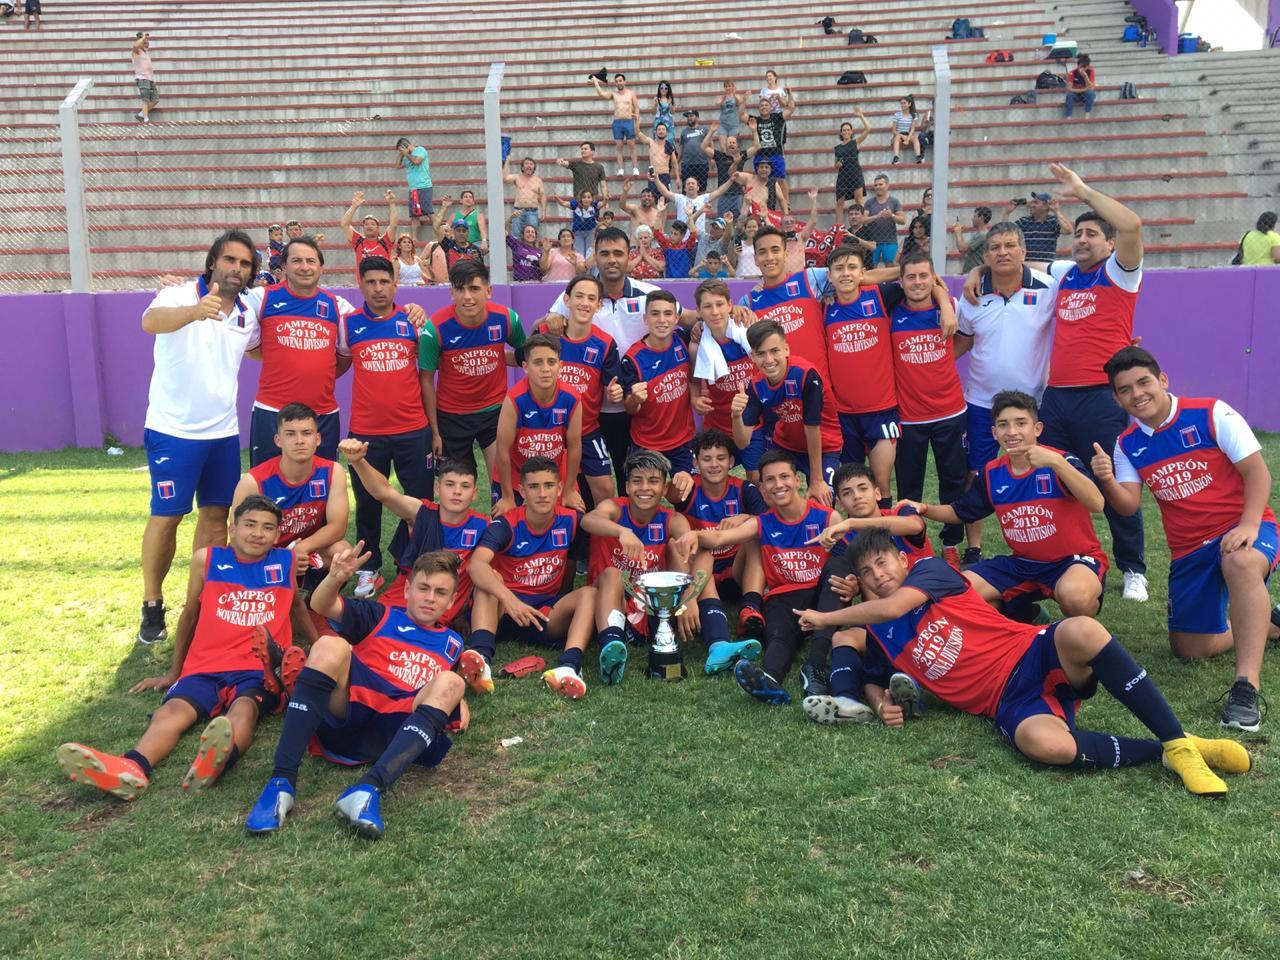 La 9° de Tigre salió campeona del torneo juvenil de la Primera Nacional - Que Pasa Web